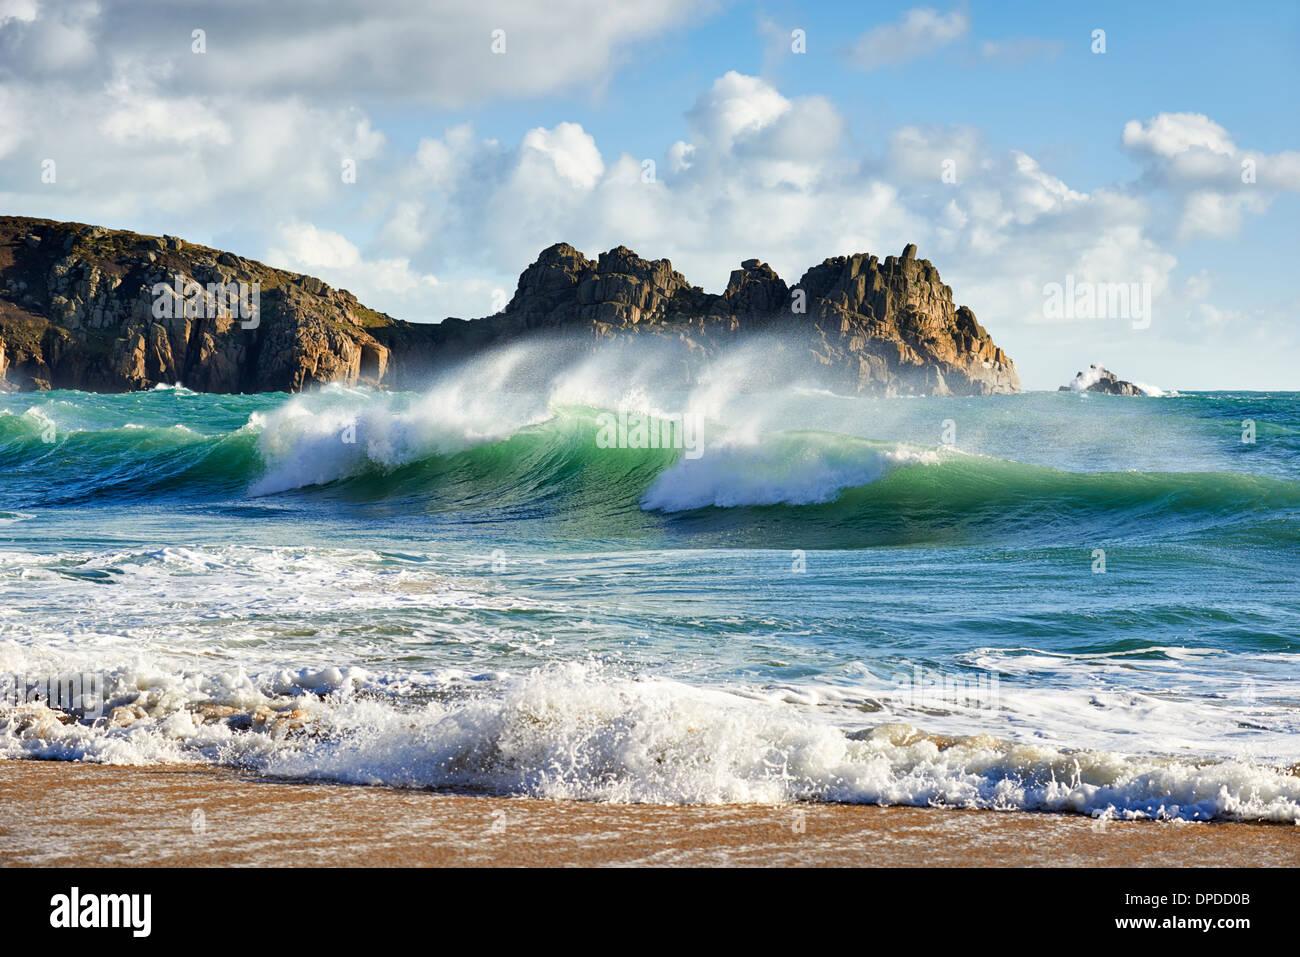 Ein curling Welle brechen im Porthcurno Beach, West Cornwall Stockbild